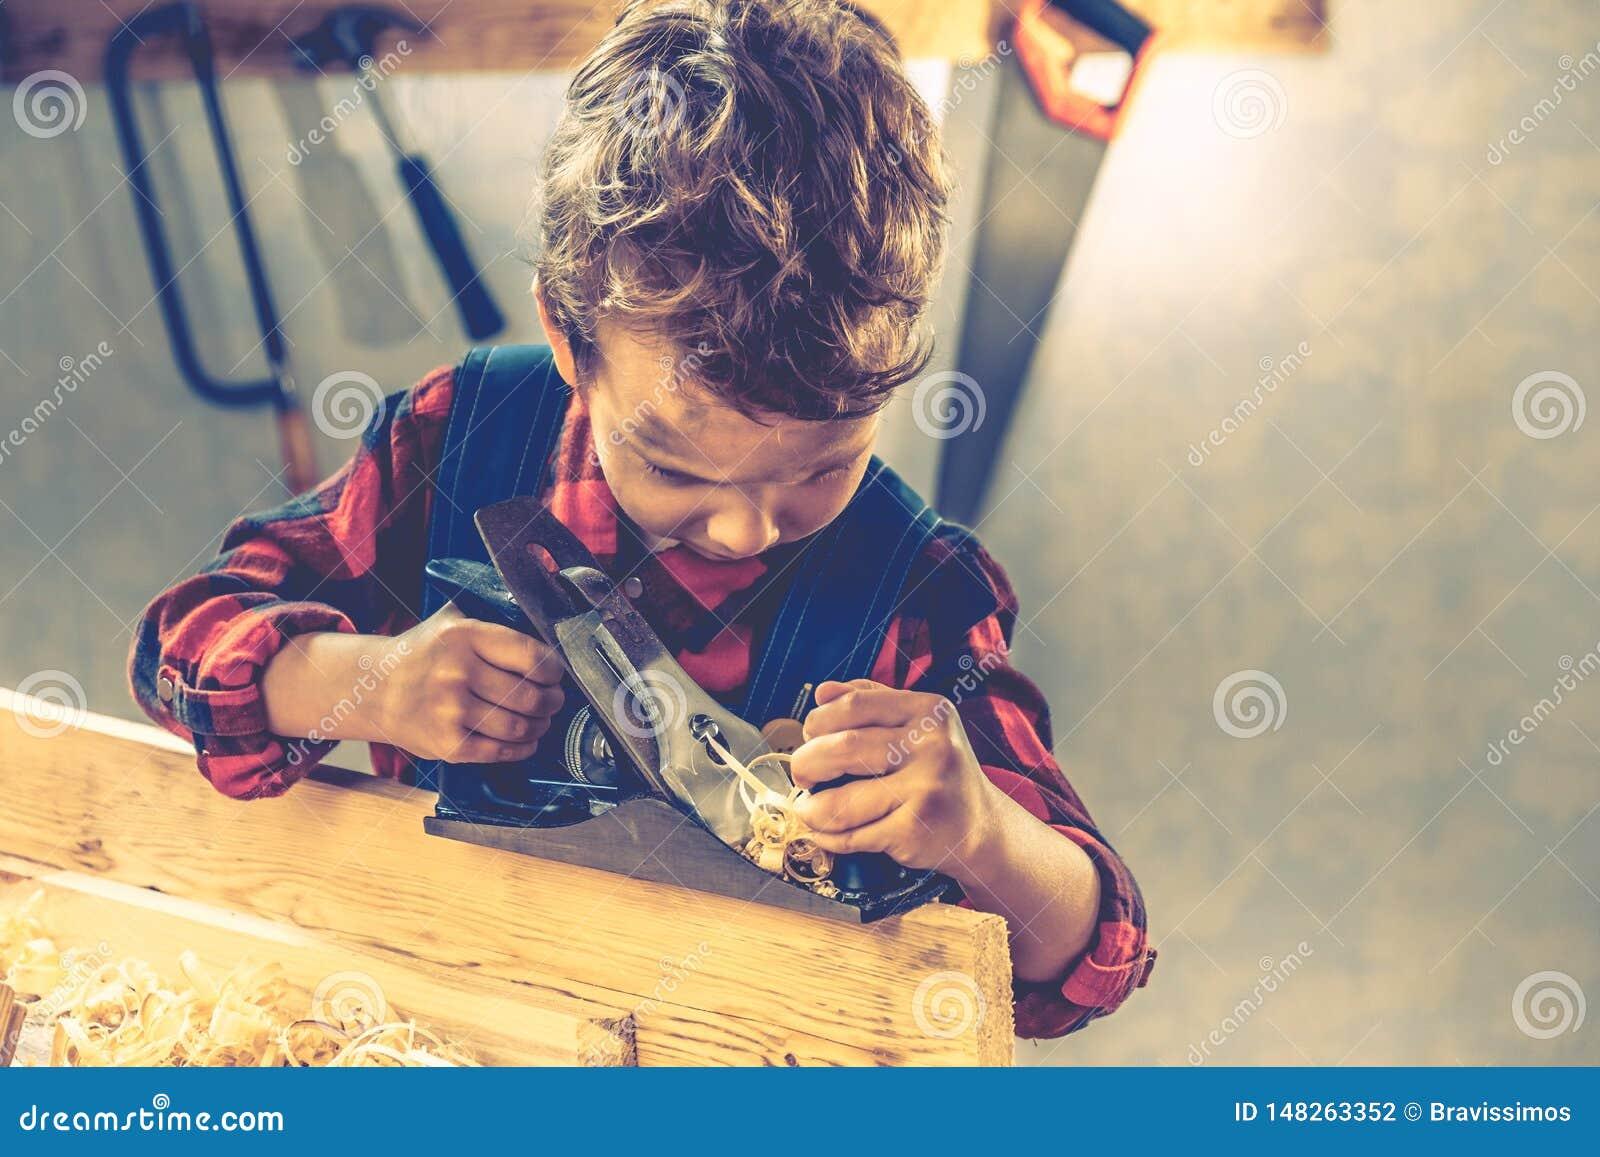 Концепция дня отцов ребенка, инструмент плотника, дом